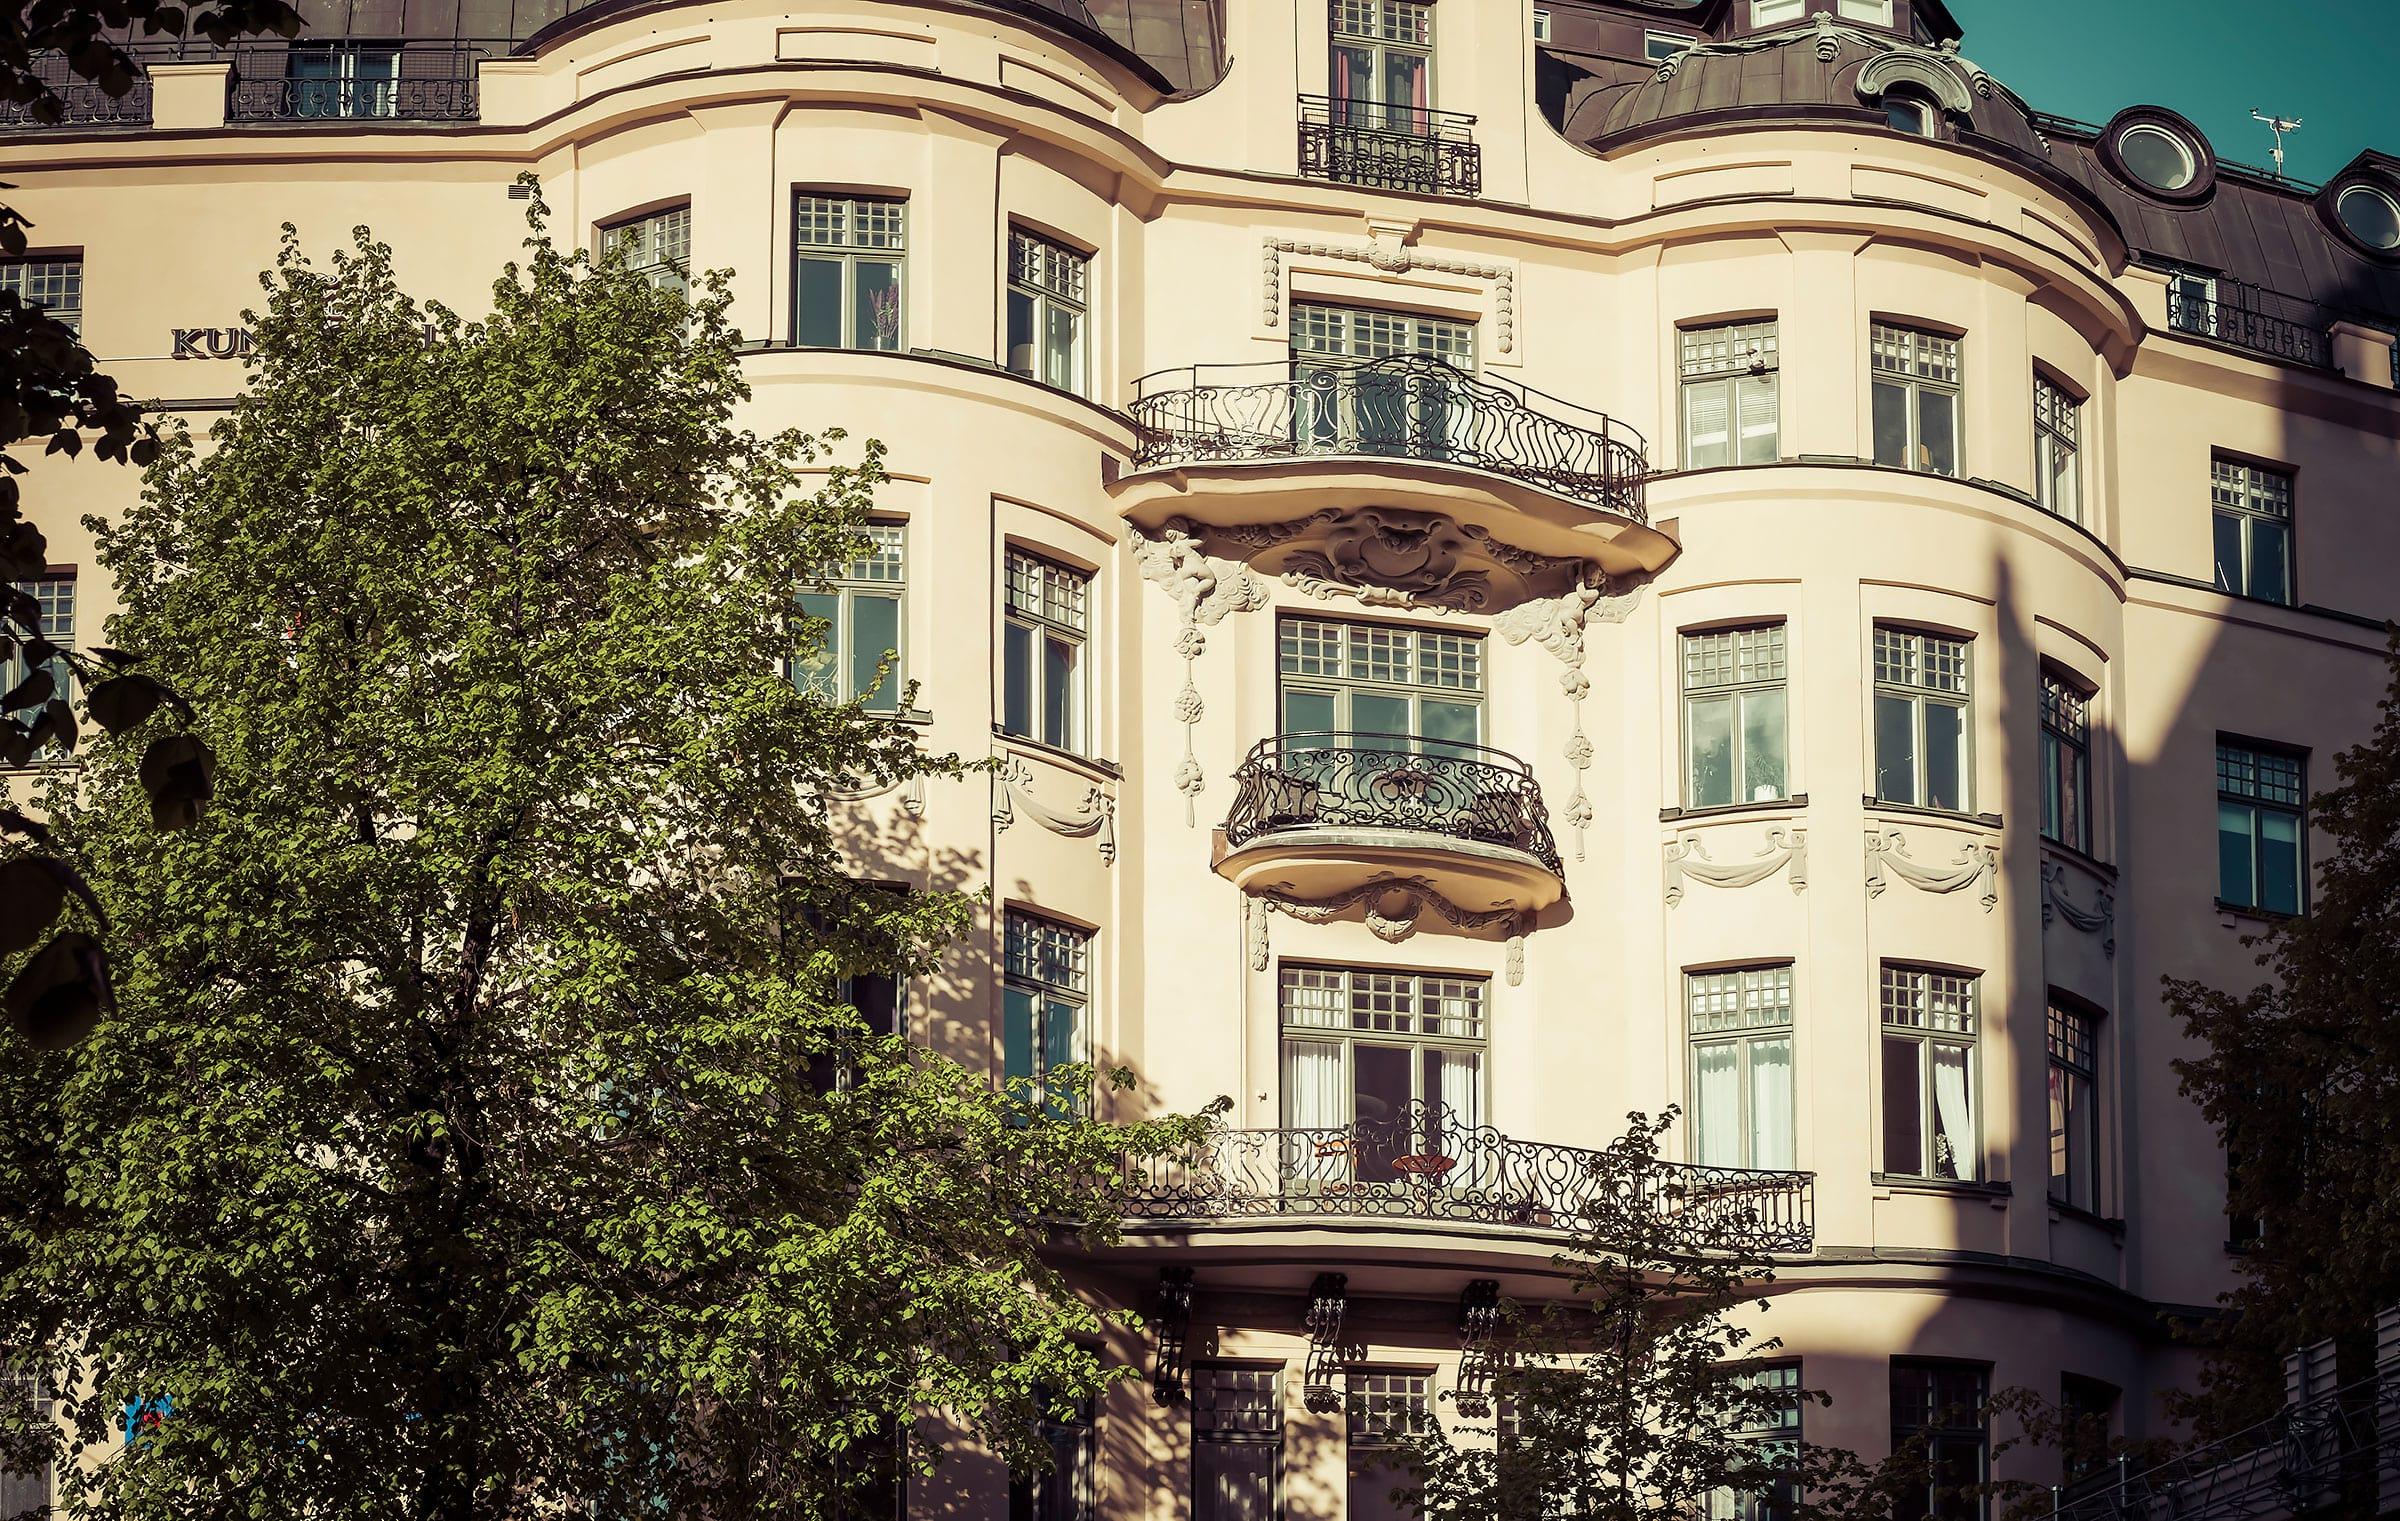 Hotel Kung Carl öppnar lånegarderob med Myrorna